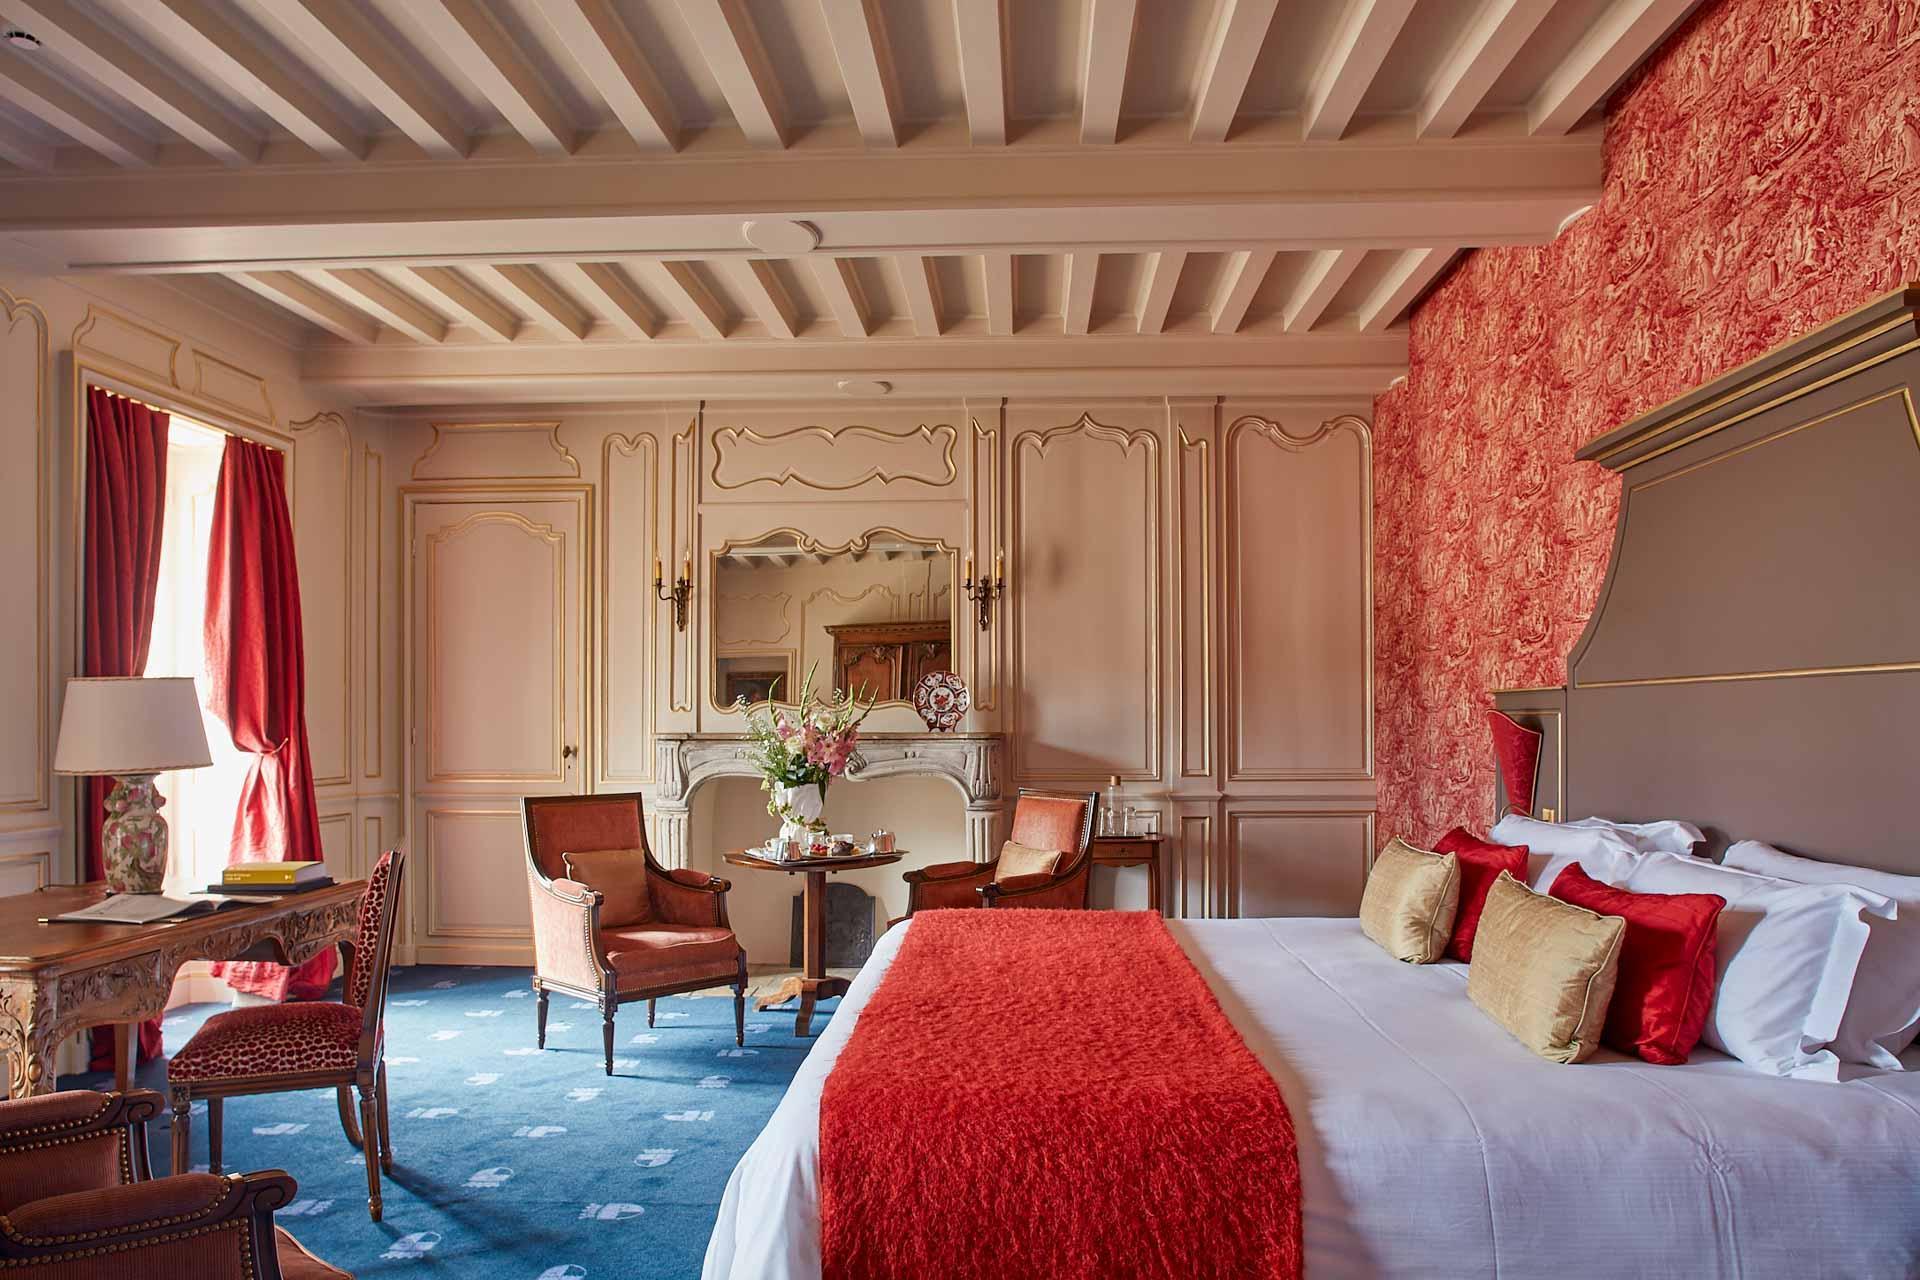 Toutes les chambres ont gardé un caché authentique © DR